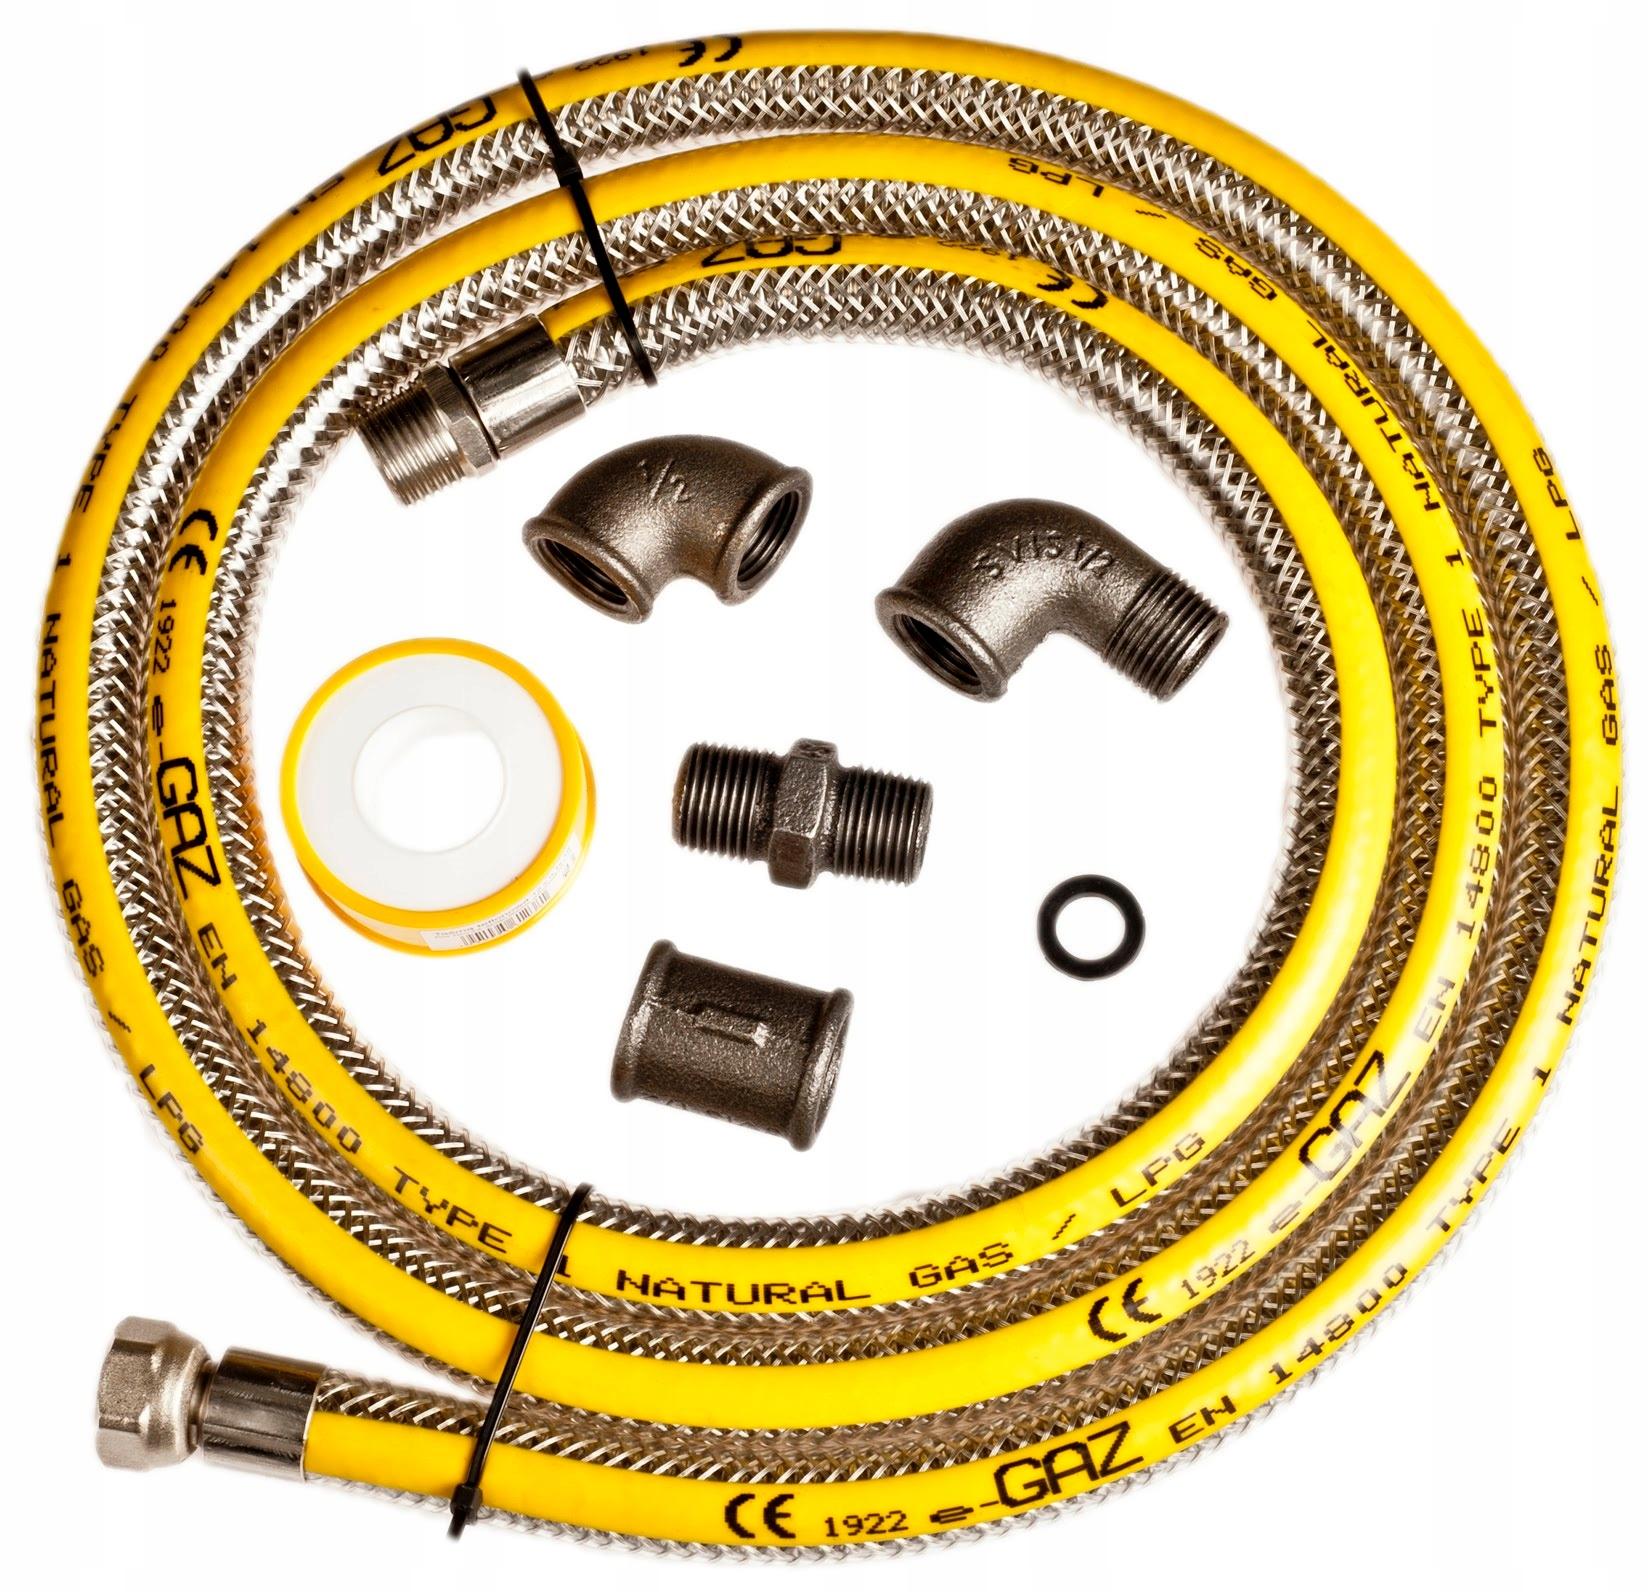 Газовый шланг (36 фото): гибкие резиновые и металлические шланги для газовой плиты, армированный шланг из пвх, максимальная длина и срок службы